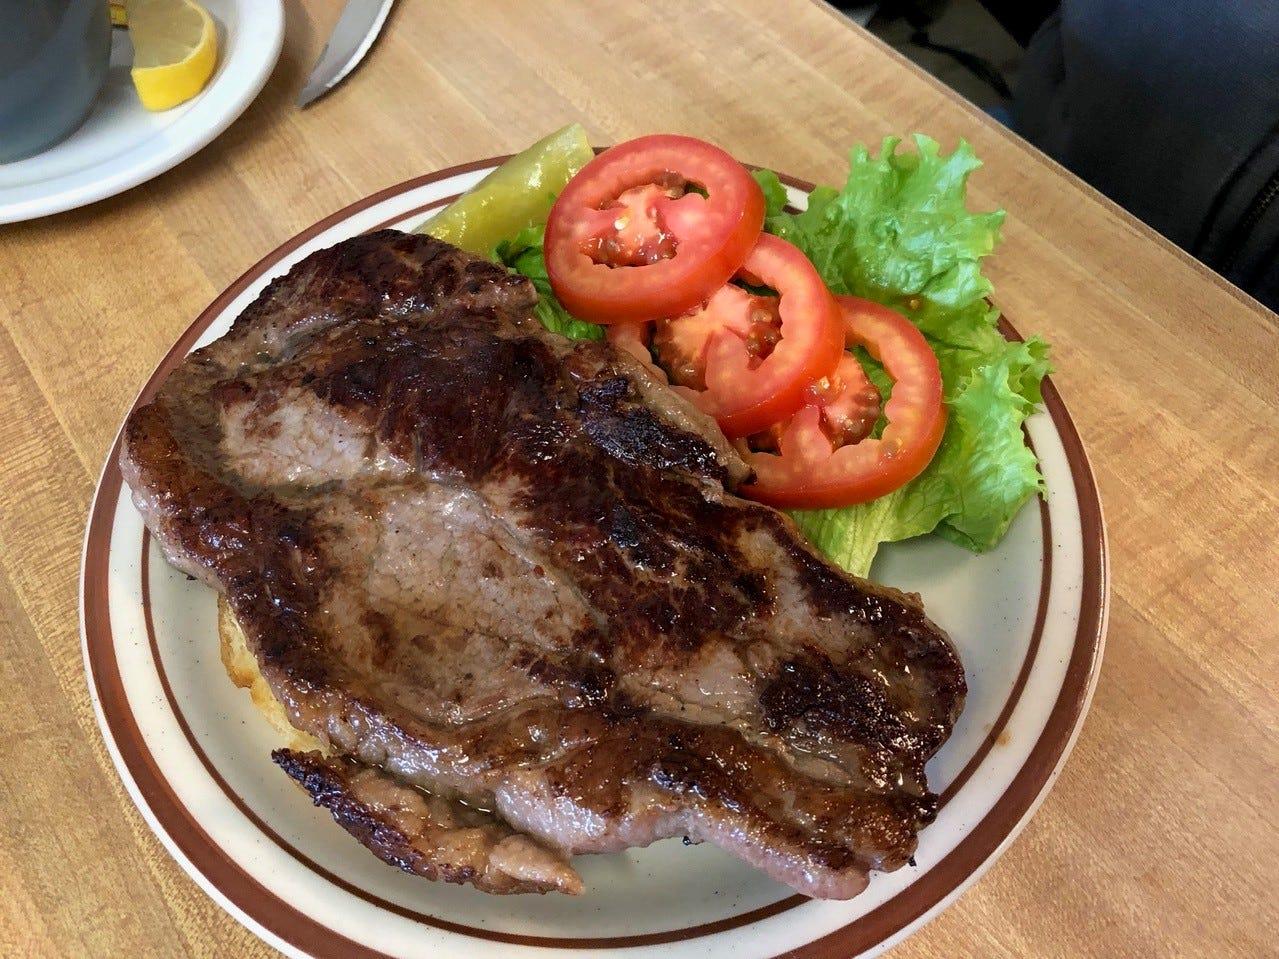 The steak sandwich lunch special at Rita's Kitchen in Redding.